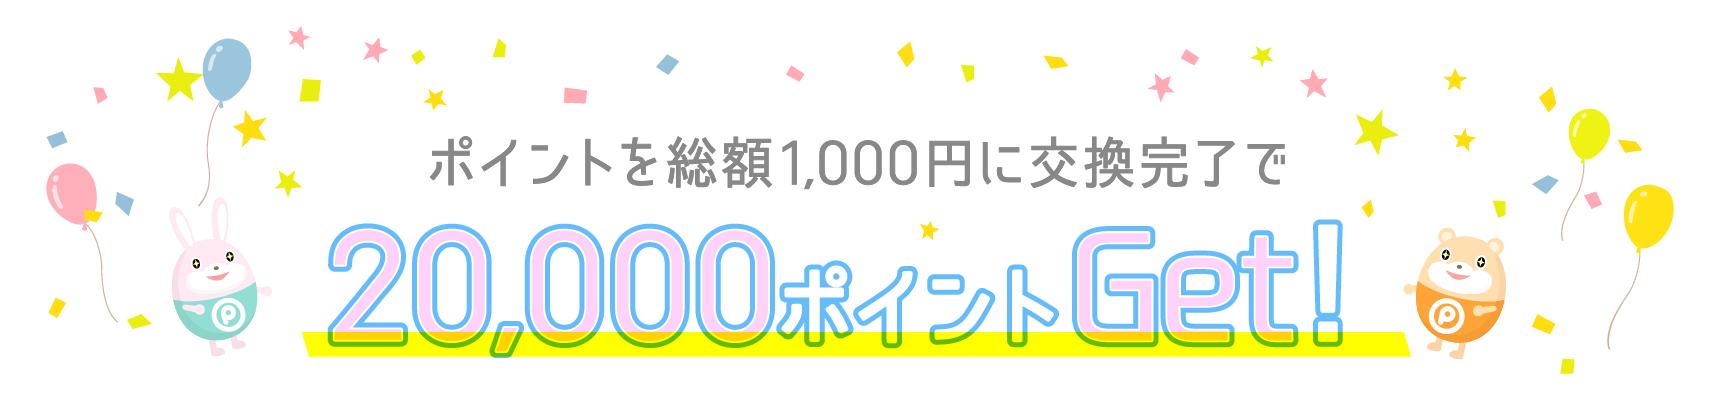 pointtown-cp1000